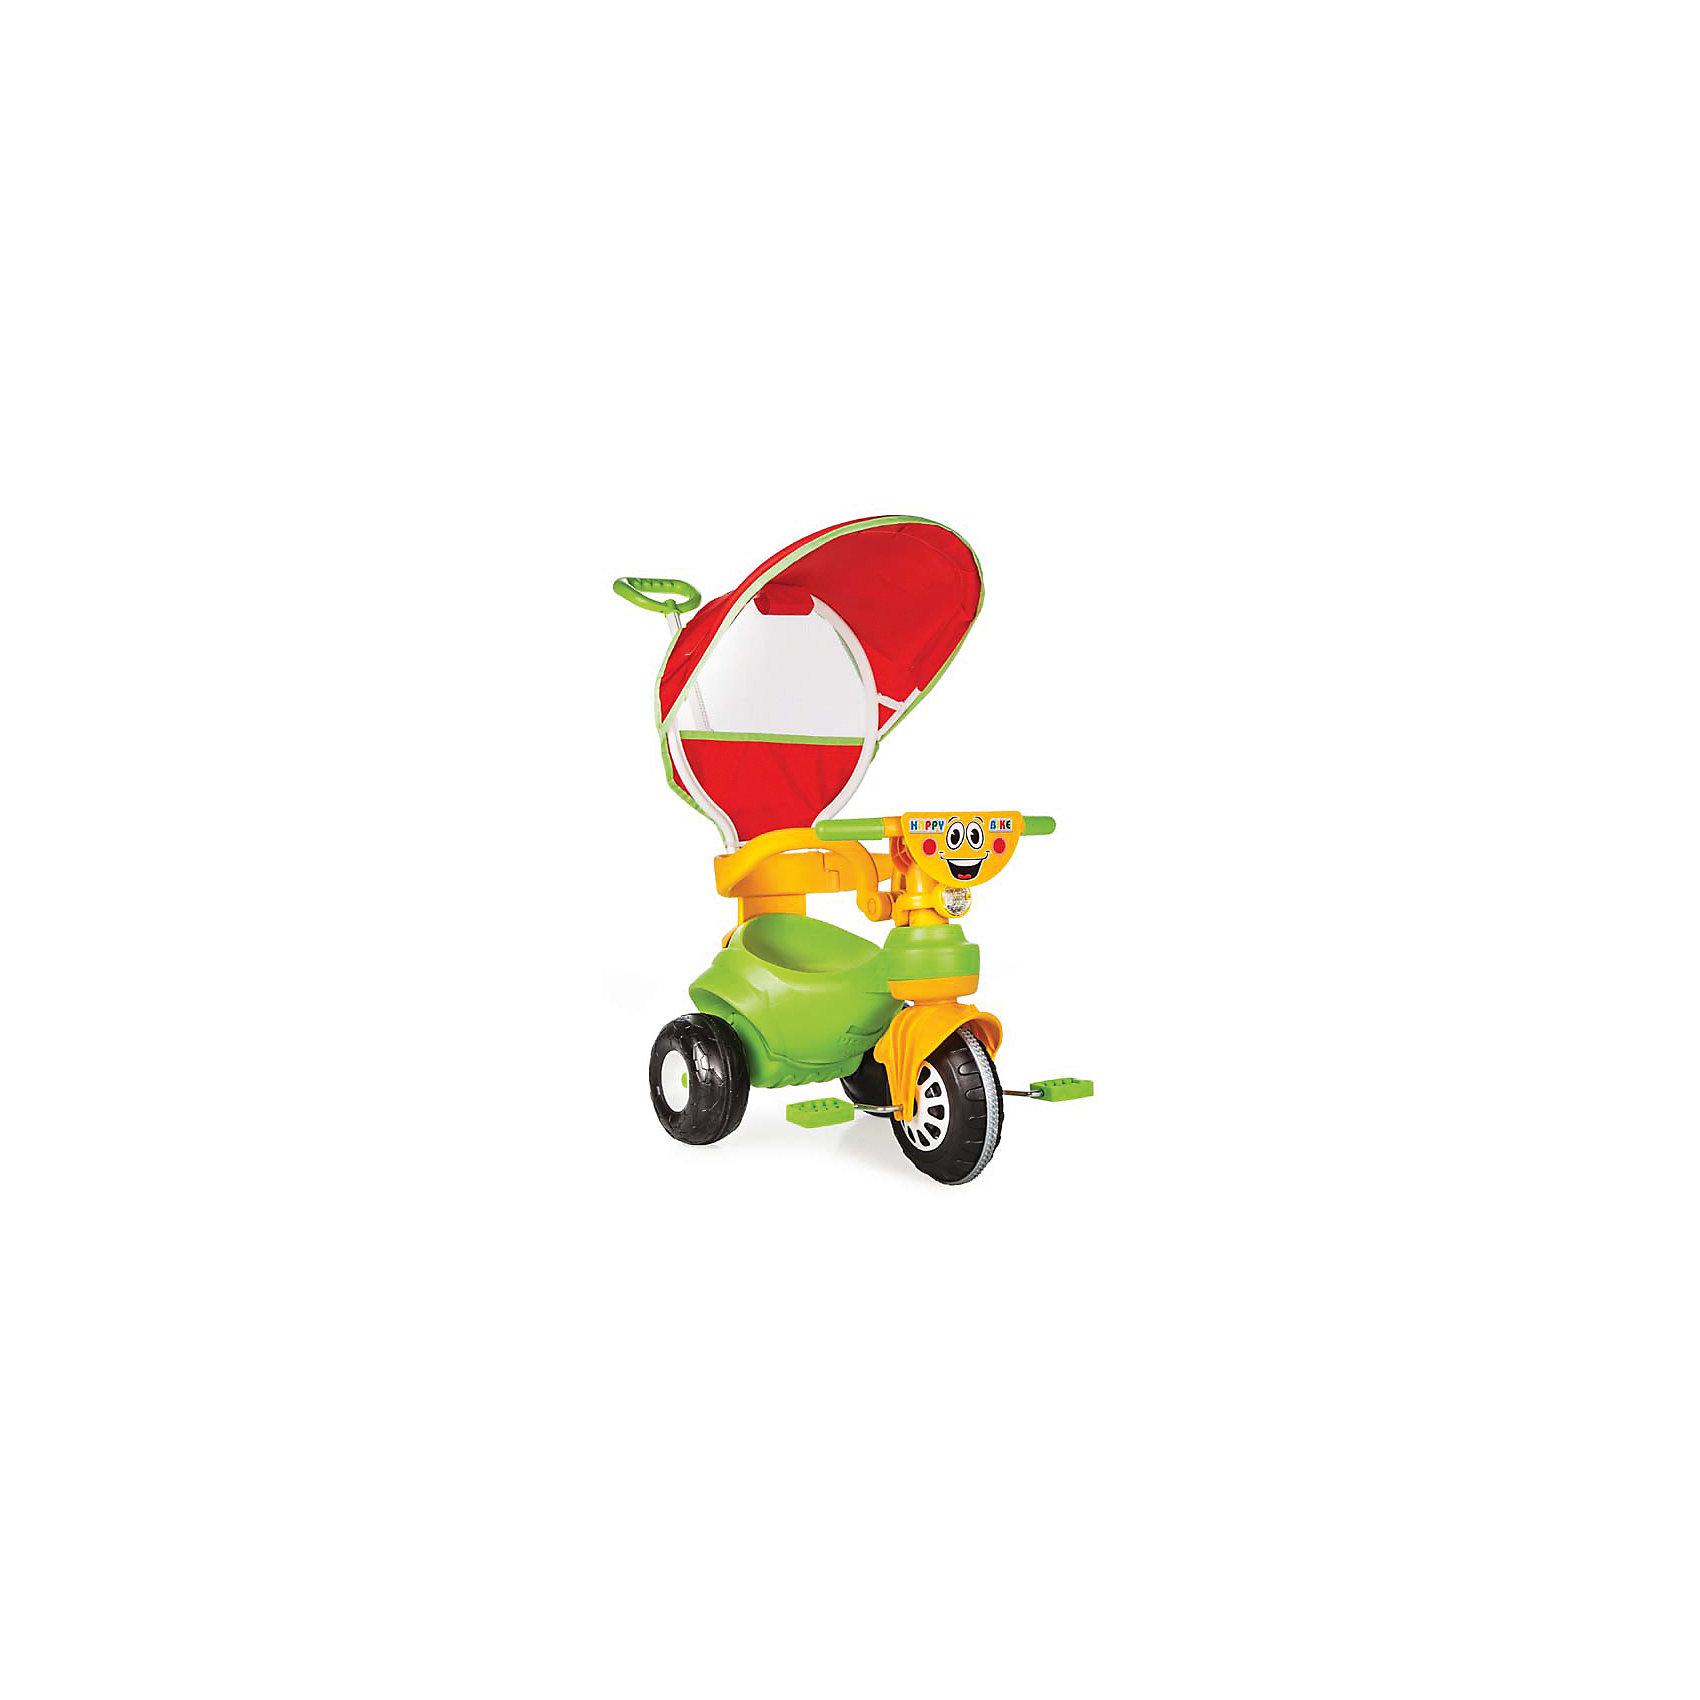 Велосипед HAPPY с р/у и крышей в коробке, PILSANВелосипед HAPPY с р/у и крышей в коробке, PILSAN (Пилсан)<br><br>Характеристики:<br><br>• эргономичная форма сиденья<br>• родительская ручка управления<br>• устойчивые колеса<br>• ограничители<br>• система блокировки педалей<br>• защита от солнца<br>• максимальная нагрузка: 50 кг<br>• материал: пластик<br>• размер упаковки: 49х67х41 см<br>• вес: 4,84 кг<br><br>Яркий велосипед HAPPY поможет ребенку передвигаться самостоятельно или при помощи родителей. Велосипед оснащен ограничителями, препятствующими падению малыша. Родительская ручка управления позволит вам контролировать процесс поездки. Устойчивые колеса хорошо передвигаются по дороге. Зонт защитит ребенка от воздействия прямых солнечных лучей. Красочная расцветка придется по вкусу вашему малышу! Способствует развитию координации и опорно-двигательного аппарата. Велосипед изготовлен из высококачественного пластика. Максимальная нагрузка - 50 кг.<br><br>Велосипед HAPPY с р/у и крышей в коробке, PILSAN (Пилсан) вы можете купить в нашем интернет-магазине.<br><br>Ширина мм: 410<br>Глубина мм: 670<br>Высота мм: 490<br>Вес г: 4840<br>Возраст от месяцев: 24<br>Возраст до месяцев: 72<br>Пол: Унисекс<br>Возраст: Детский<br>SKU: 5512055